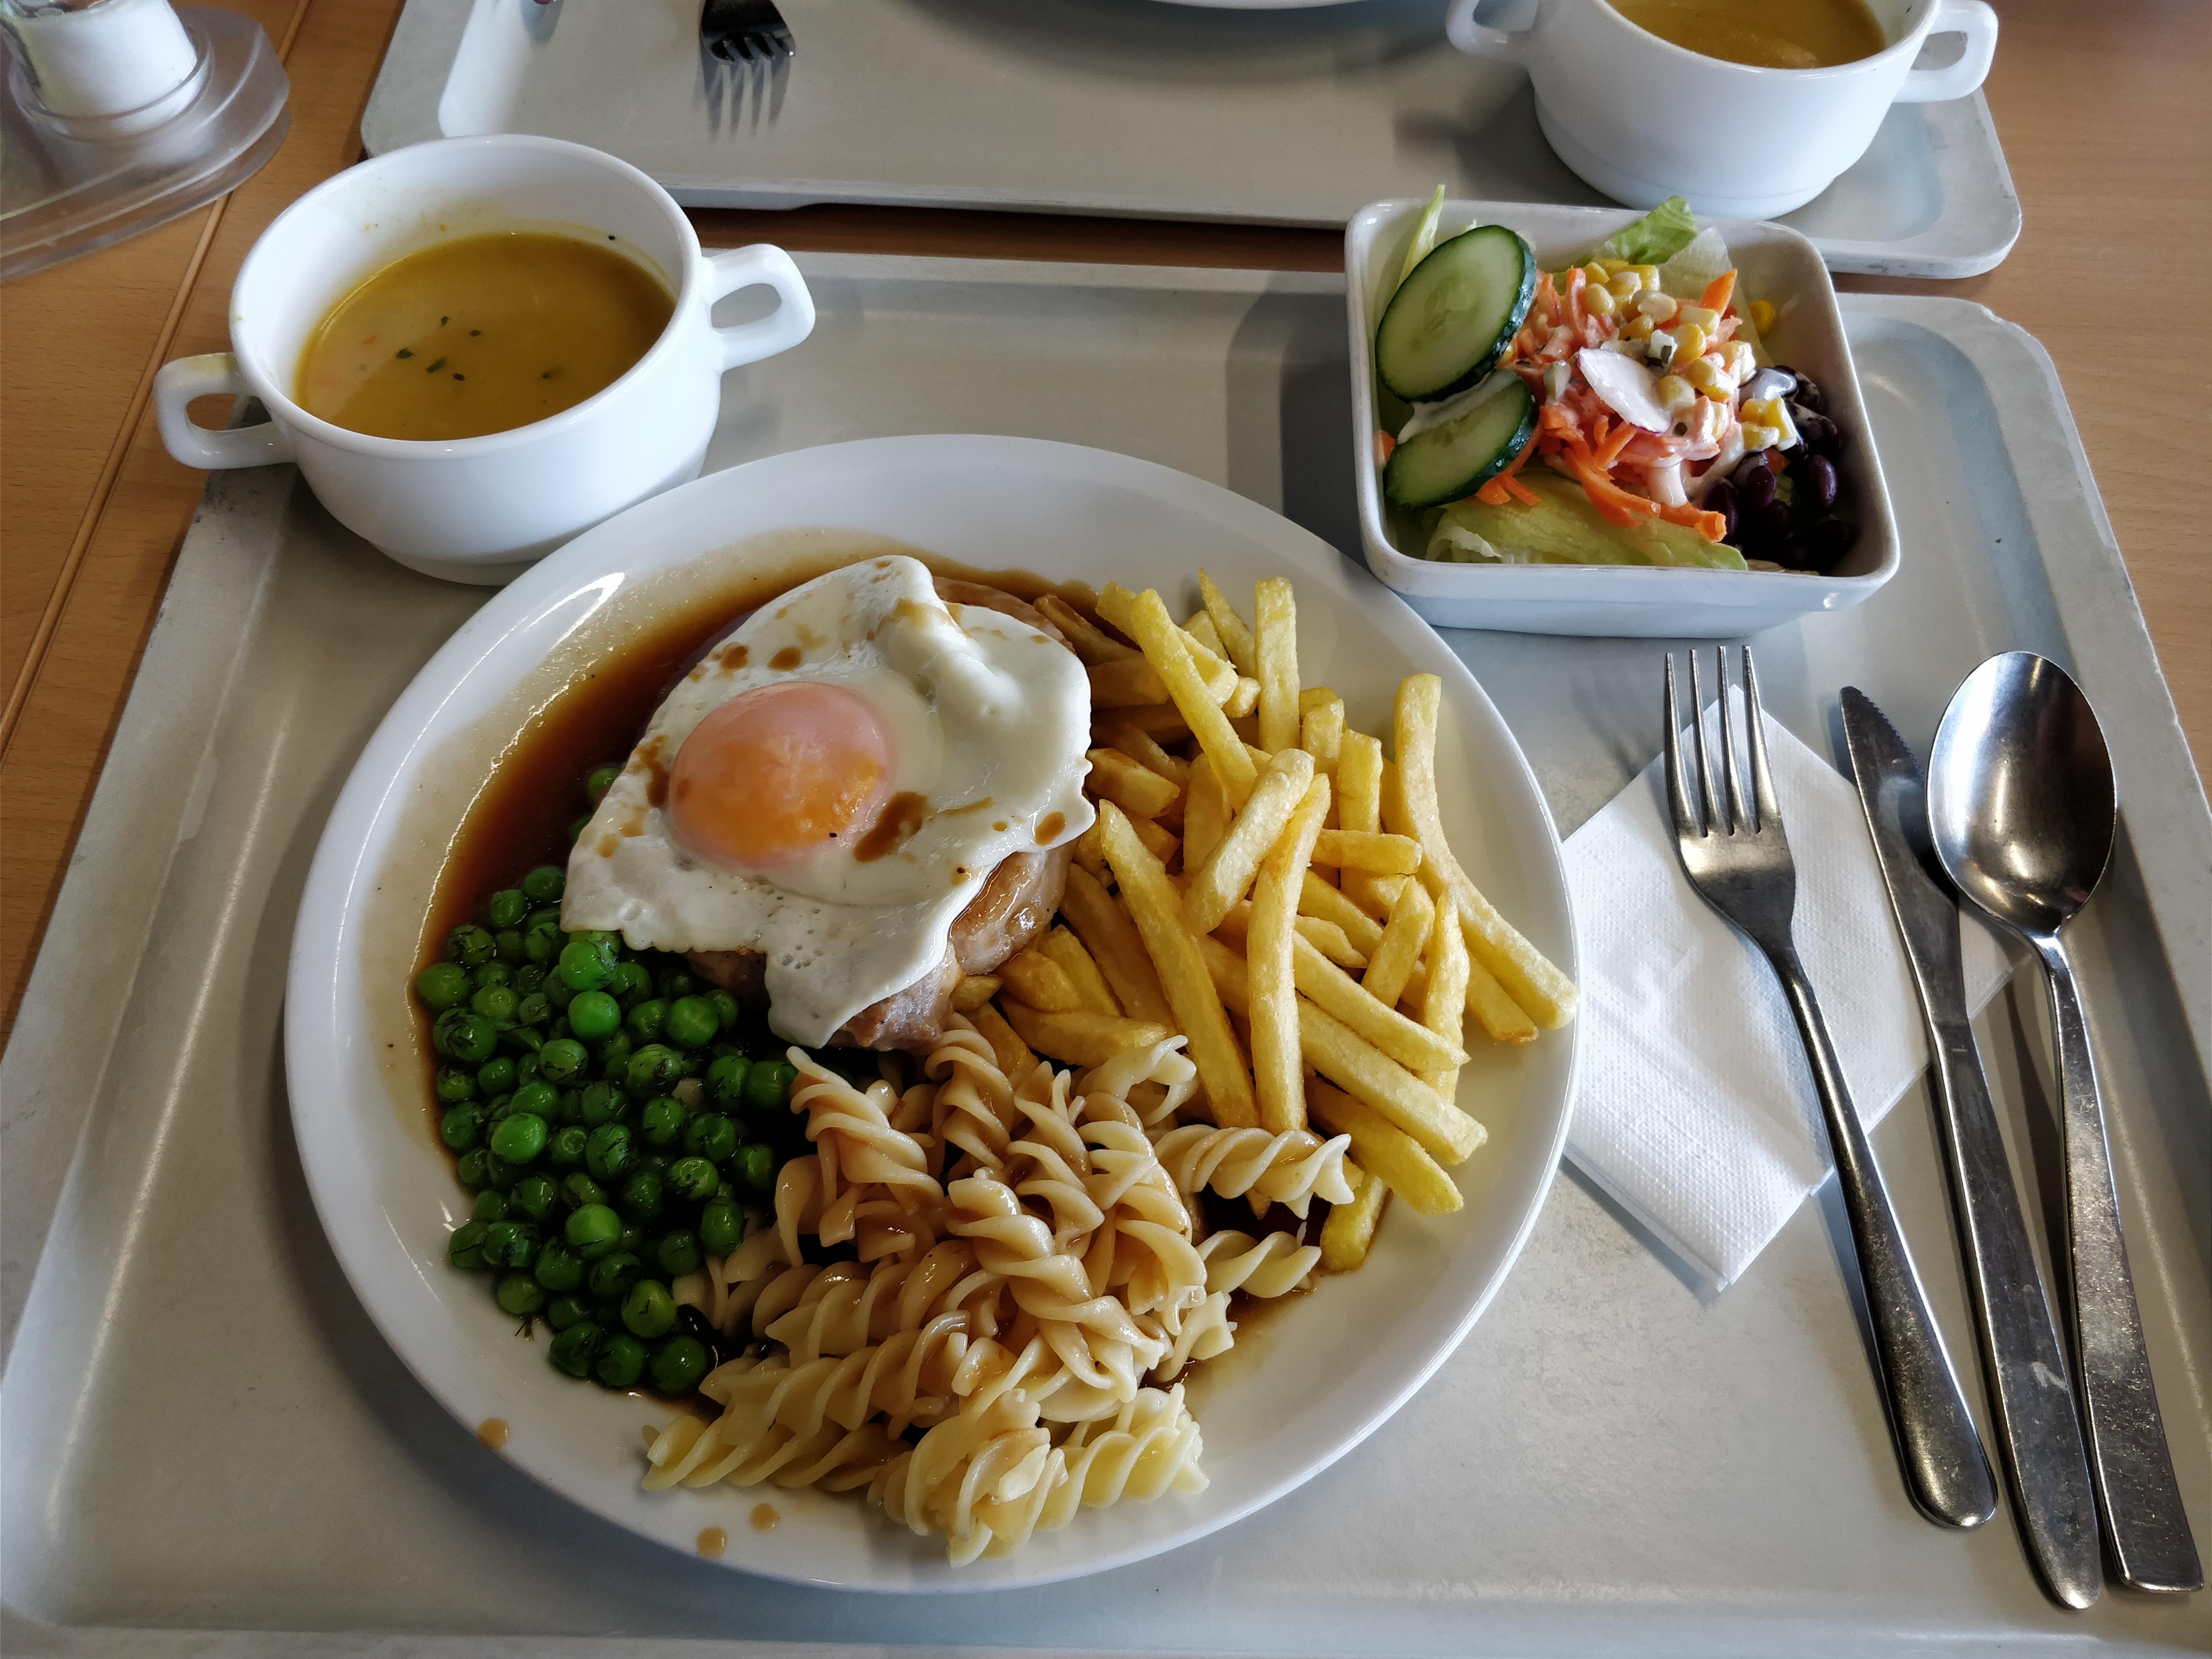 http://foodloader.net/nico_2017-09-18_schweinesteak-nudeln-pommes-bohnen-spiegelei-suppen-salat.jpg